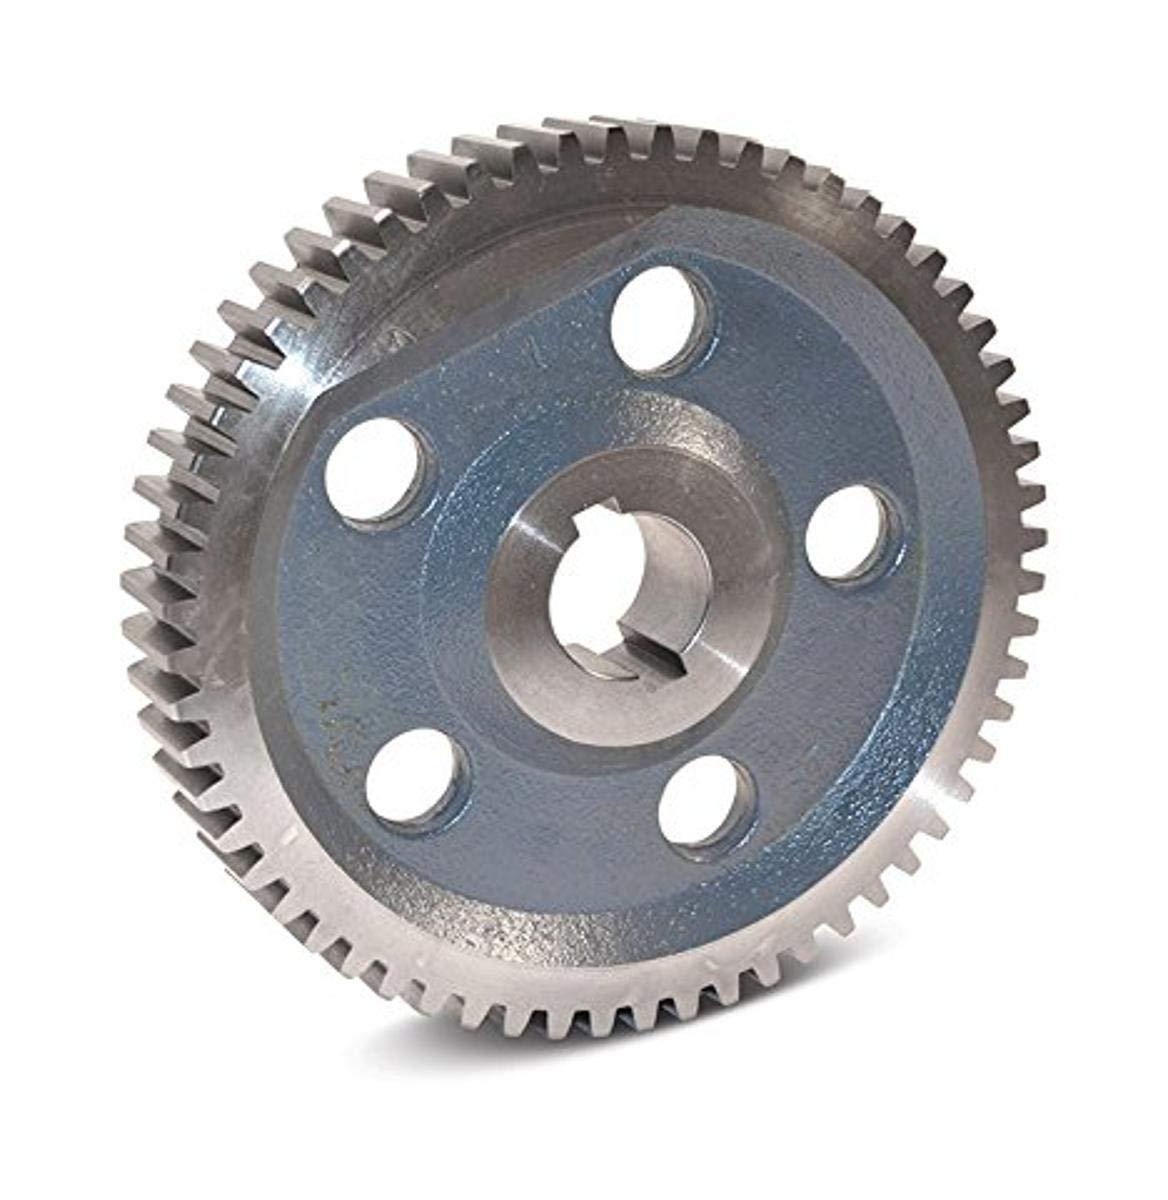 STEEL SPROCKETS 41B7 Boston Gear